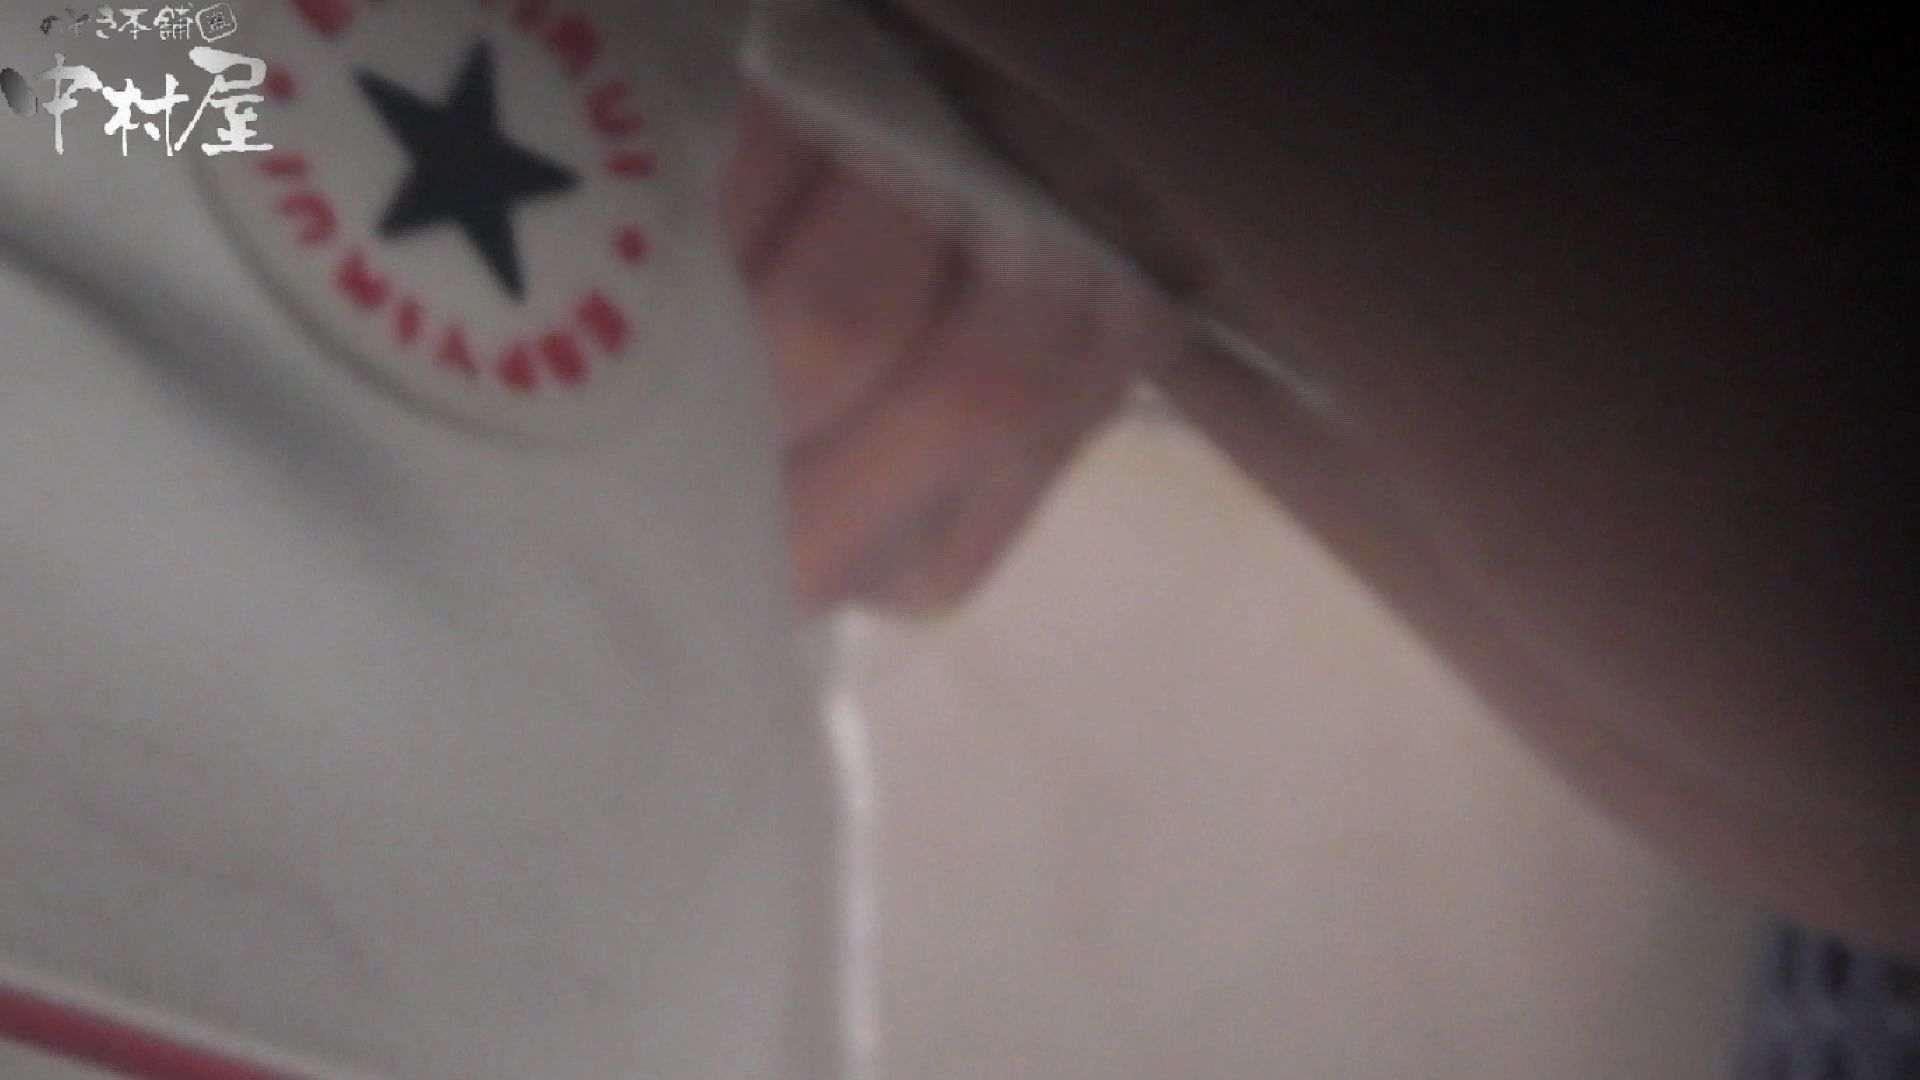 世界の射窓から~ステーション編vol.38 画質格段にUP! おまんこ見放題 | 盗撮シリーズ  94PIX 85